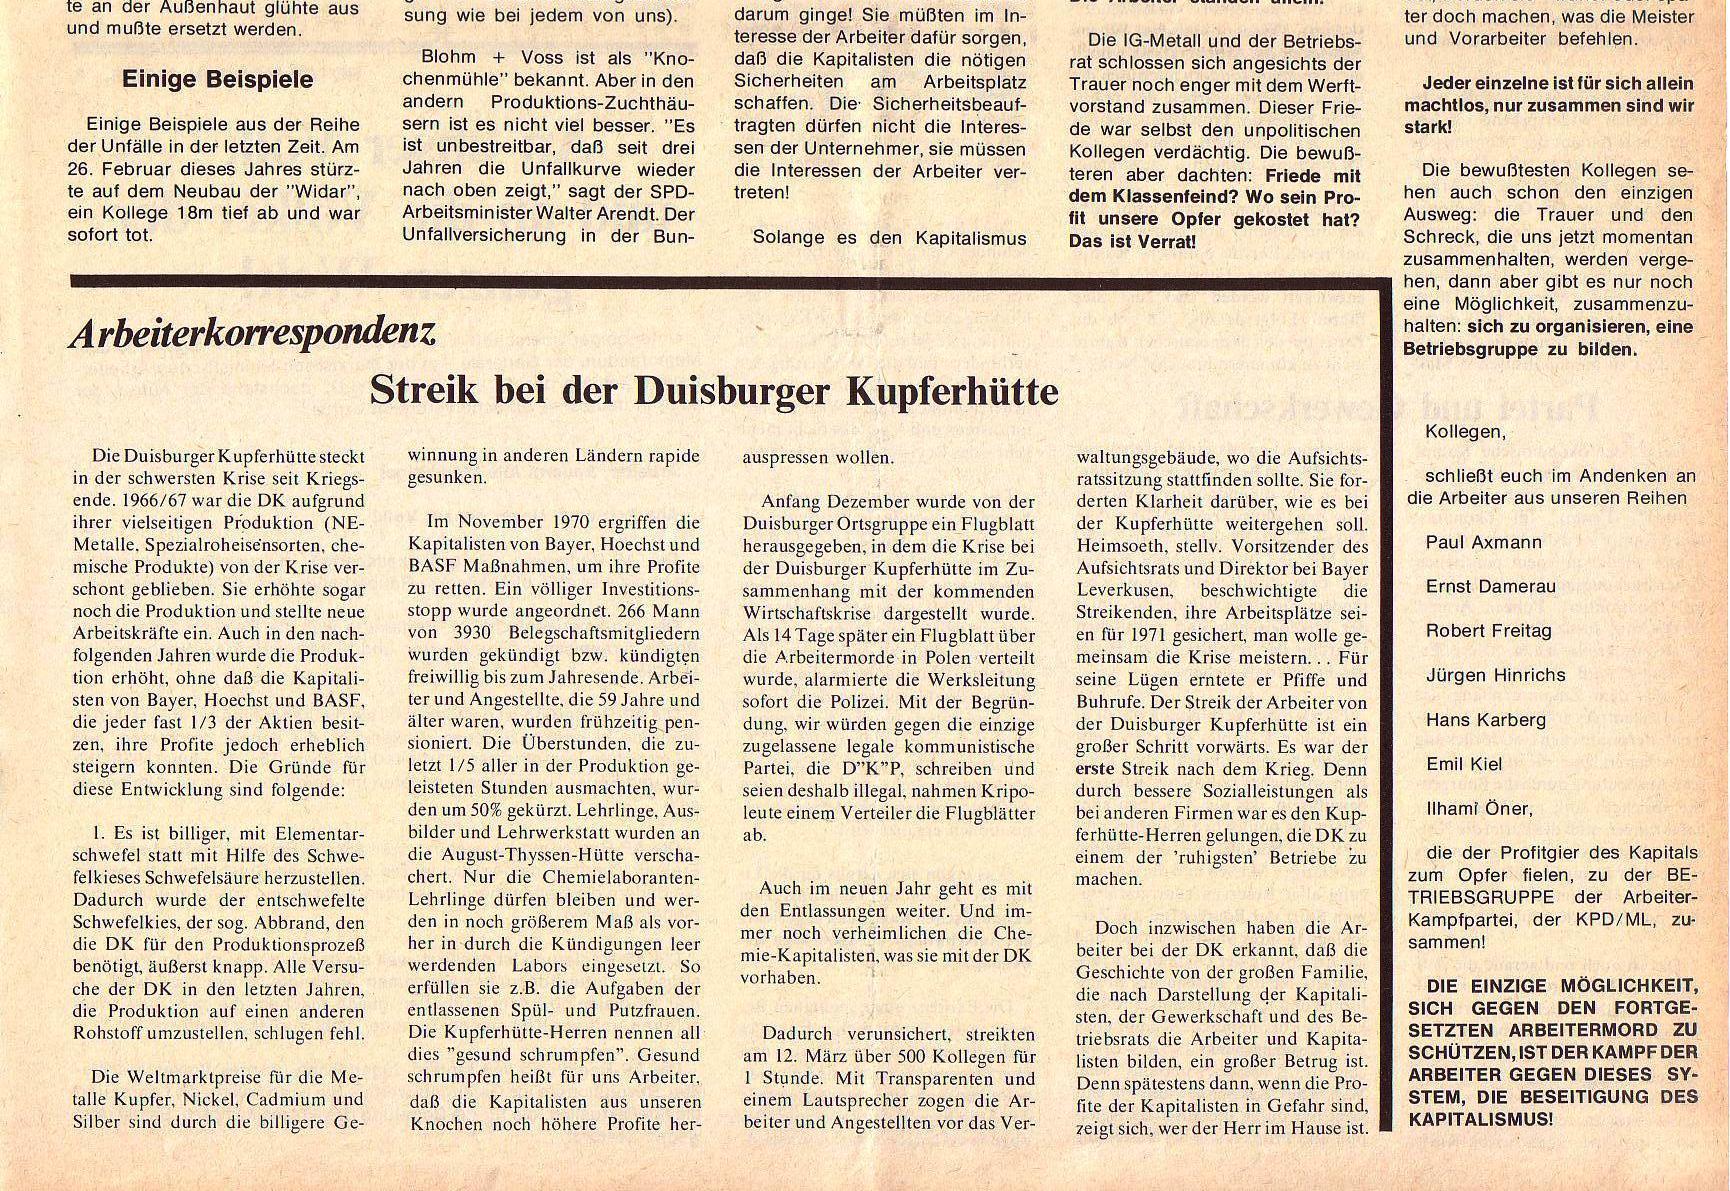 Roter Morgen, 5. Jg., April 1971, Nr. 4, Seite 7b